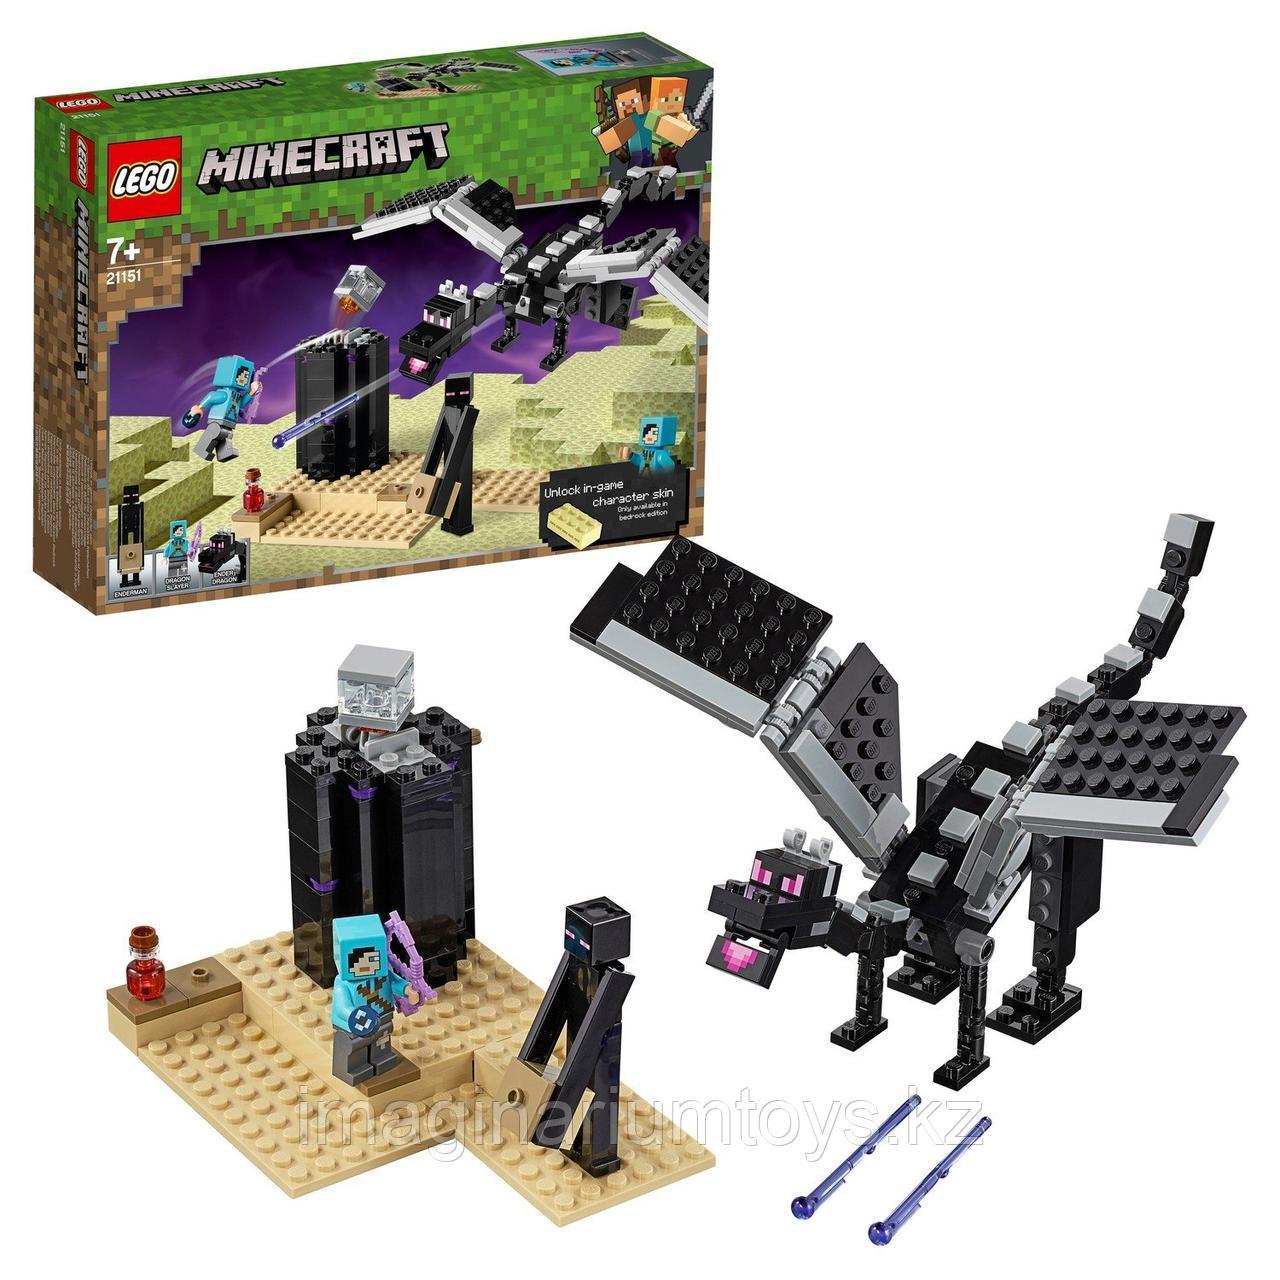 Конструктор Lego 21151 Minecraft Последняя битва